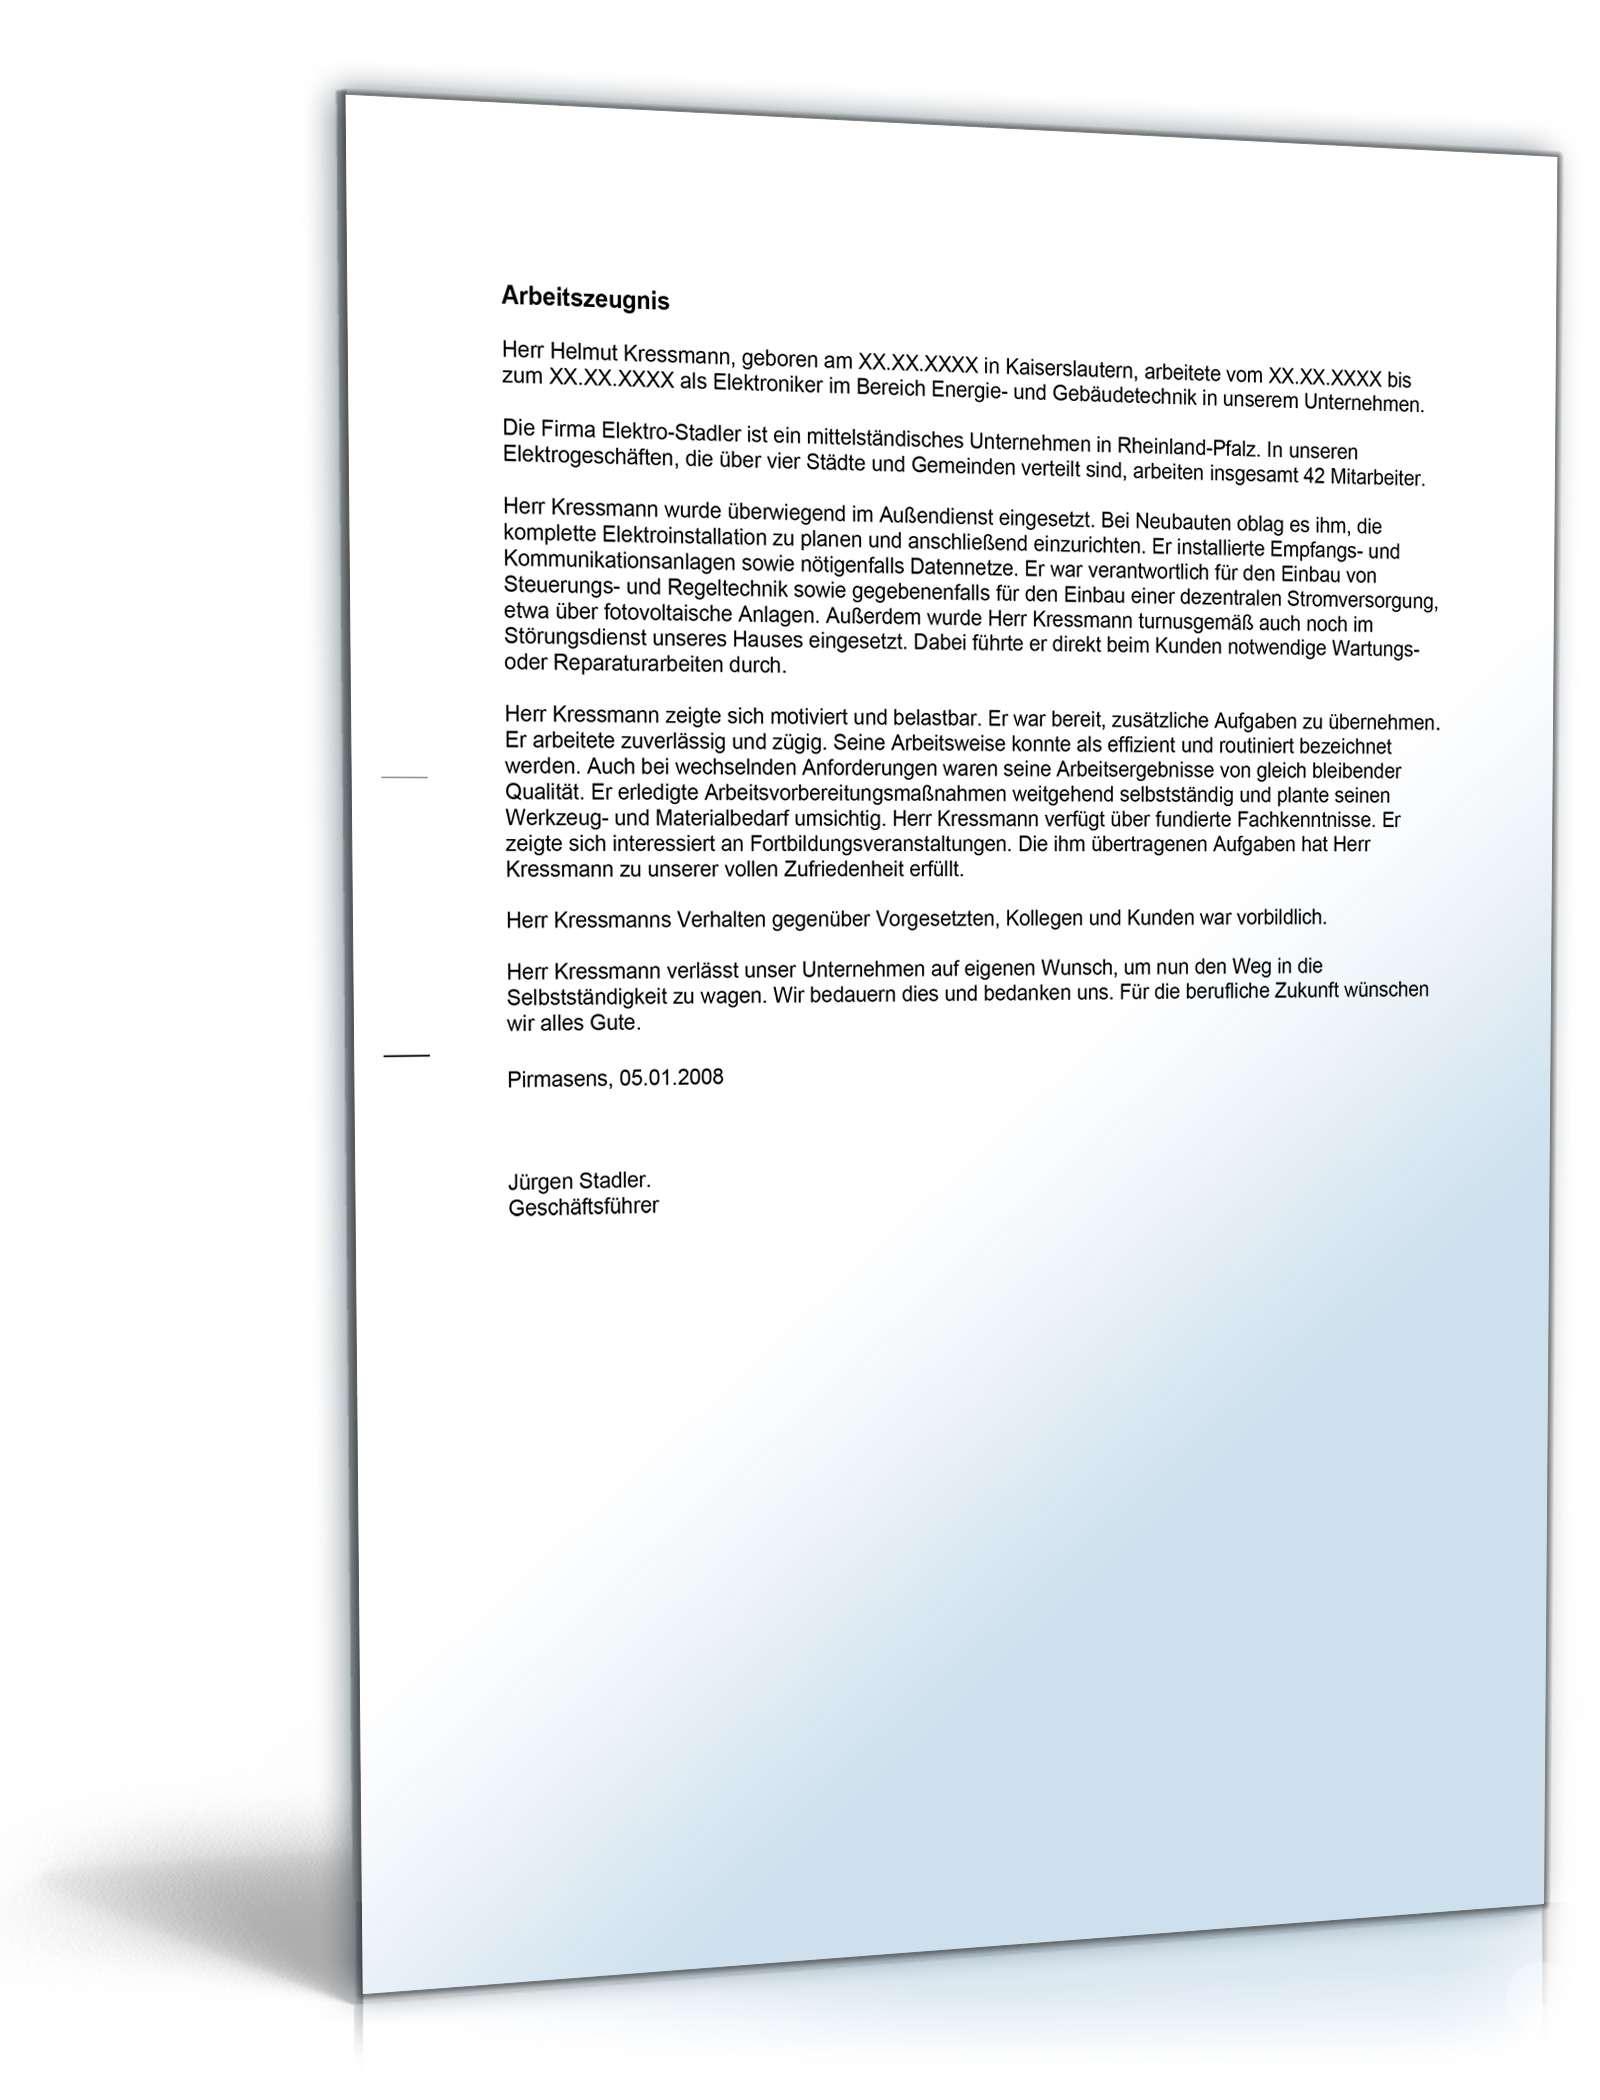 Erfreut Cisco Wiederaufnahmebefehl Bilder - Entry Level Resume ...